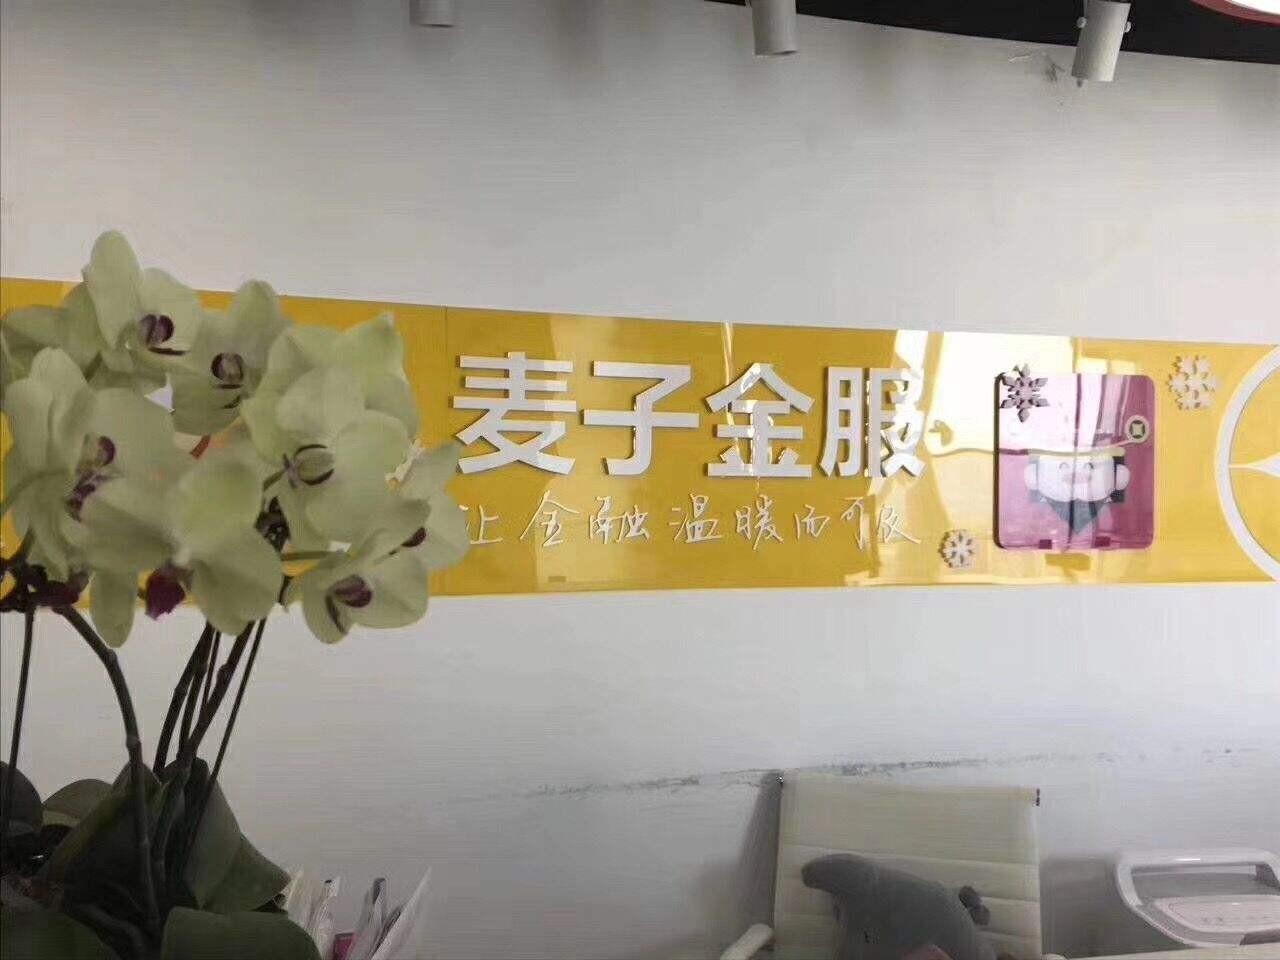 麦子金服网贷CEO夏灏COO王永杰因未通过试用期被辞